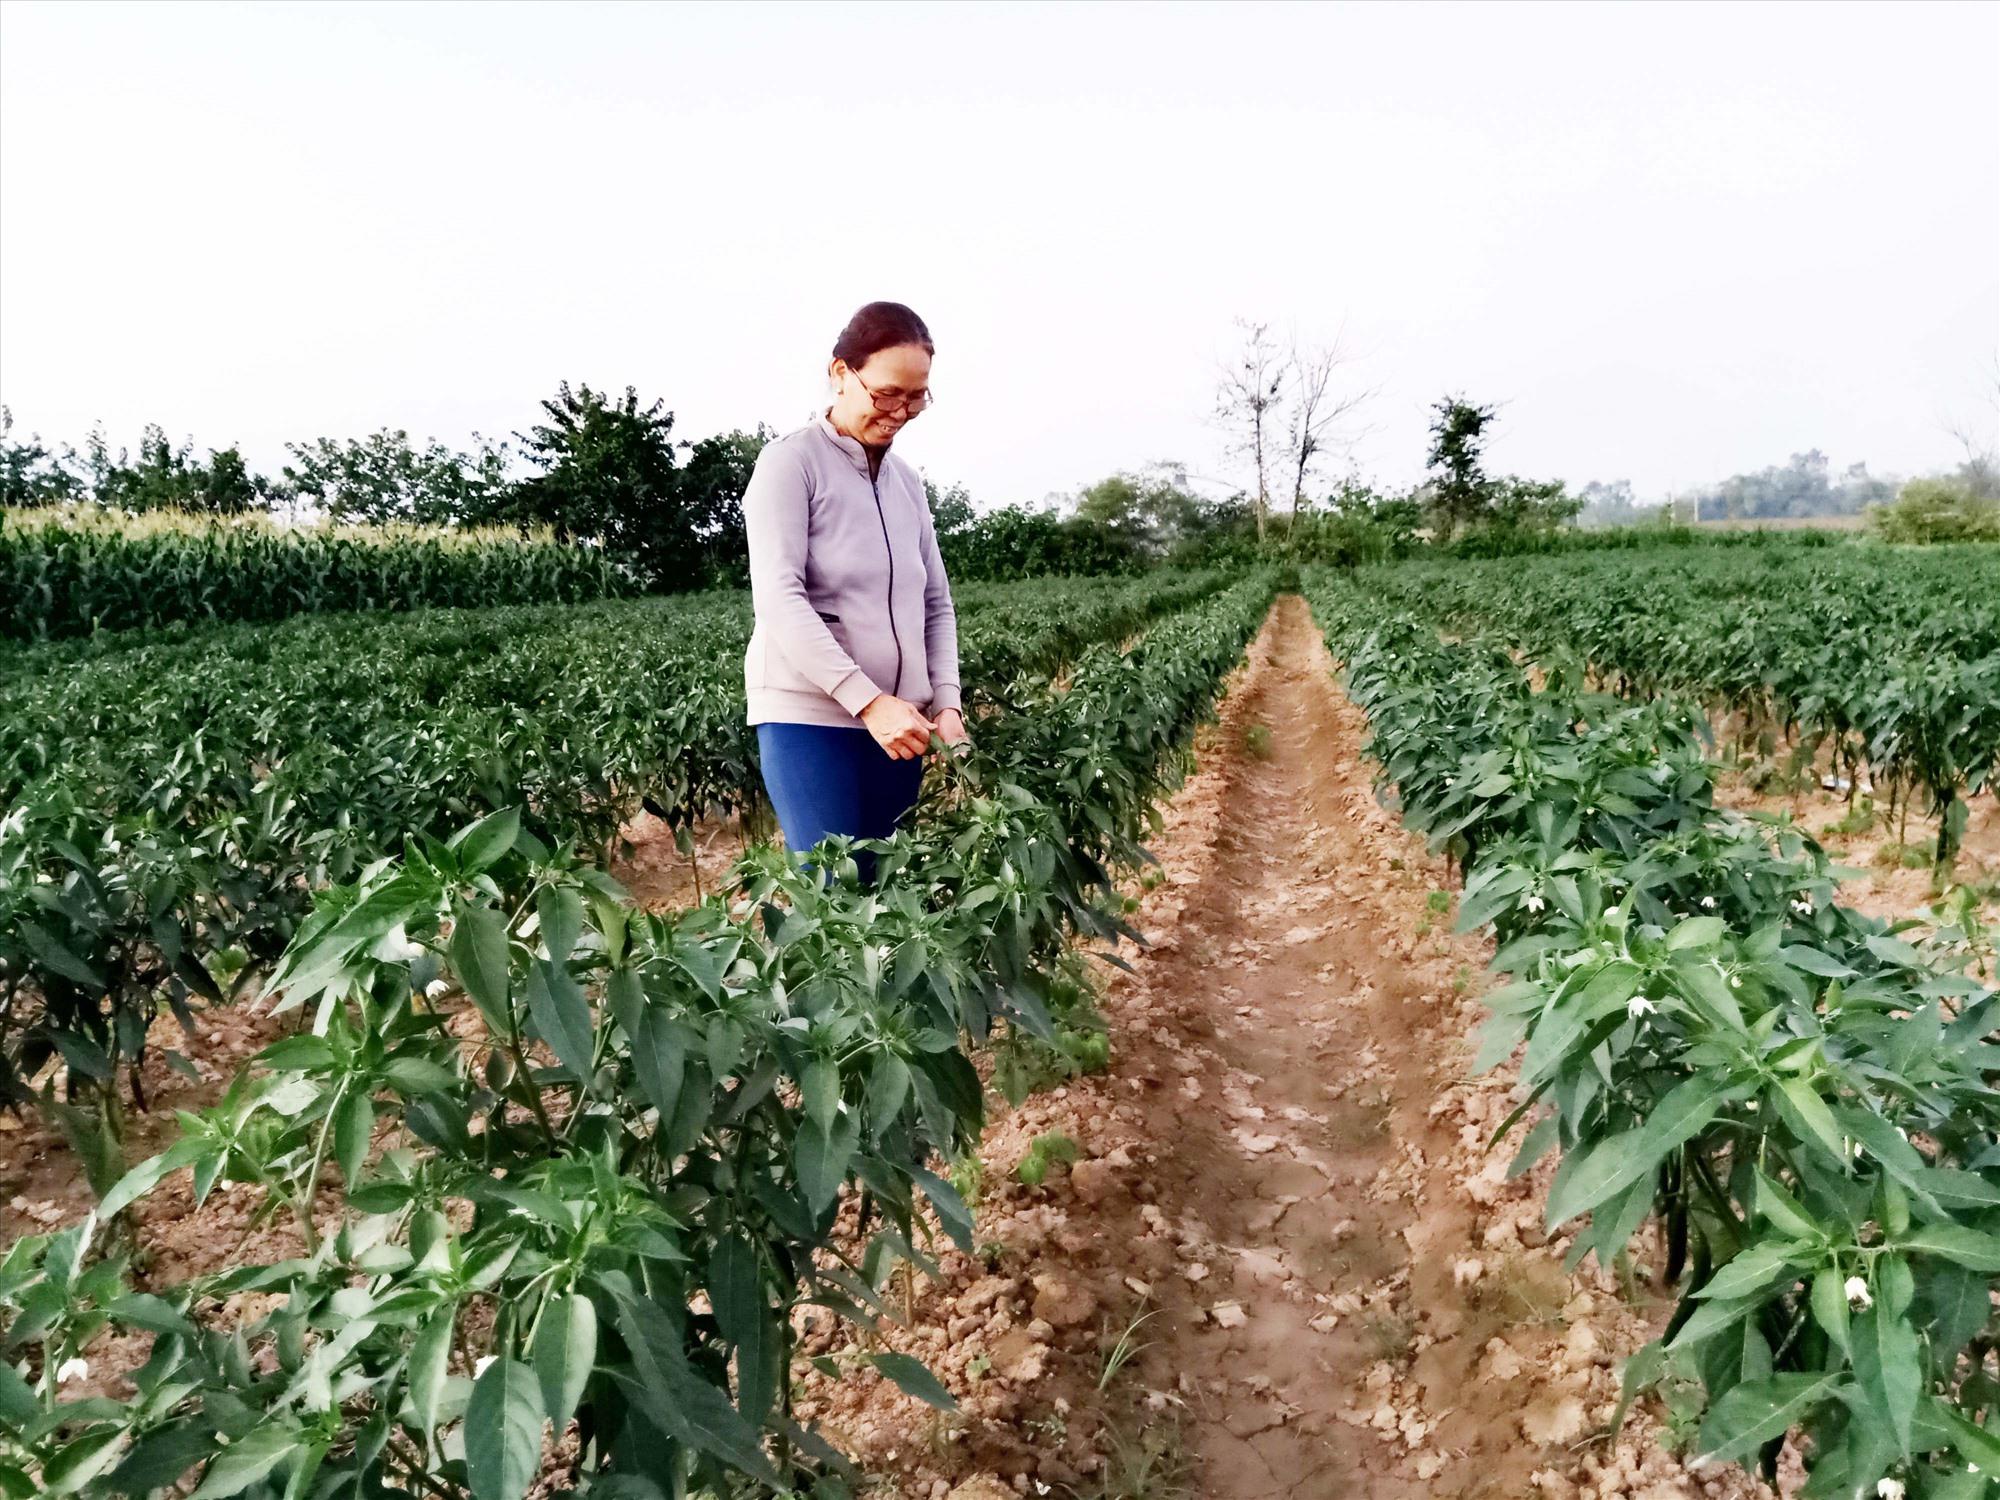 Cây ớt giống Phù Sa 138 tại thôn Lệ Bắc, xã Duy Châu được mùa nhưng giá mỗi ký ớt tươi chín đỏ chỉ được mua 4 - 5 nghìn đồng. Ảnh: TRIÊU NHAN